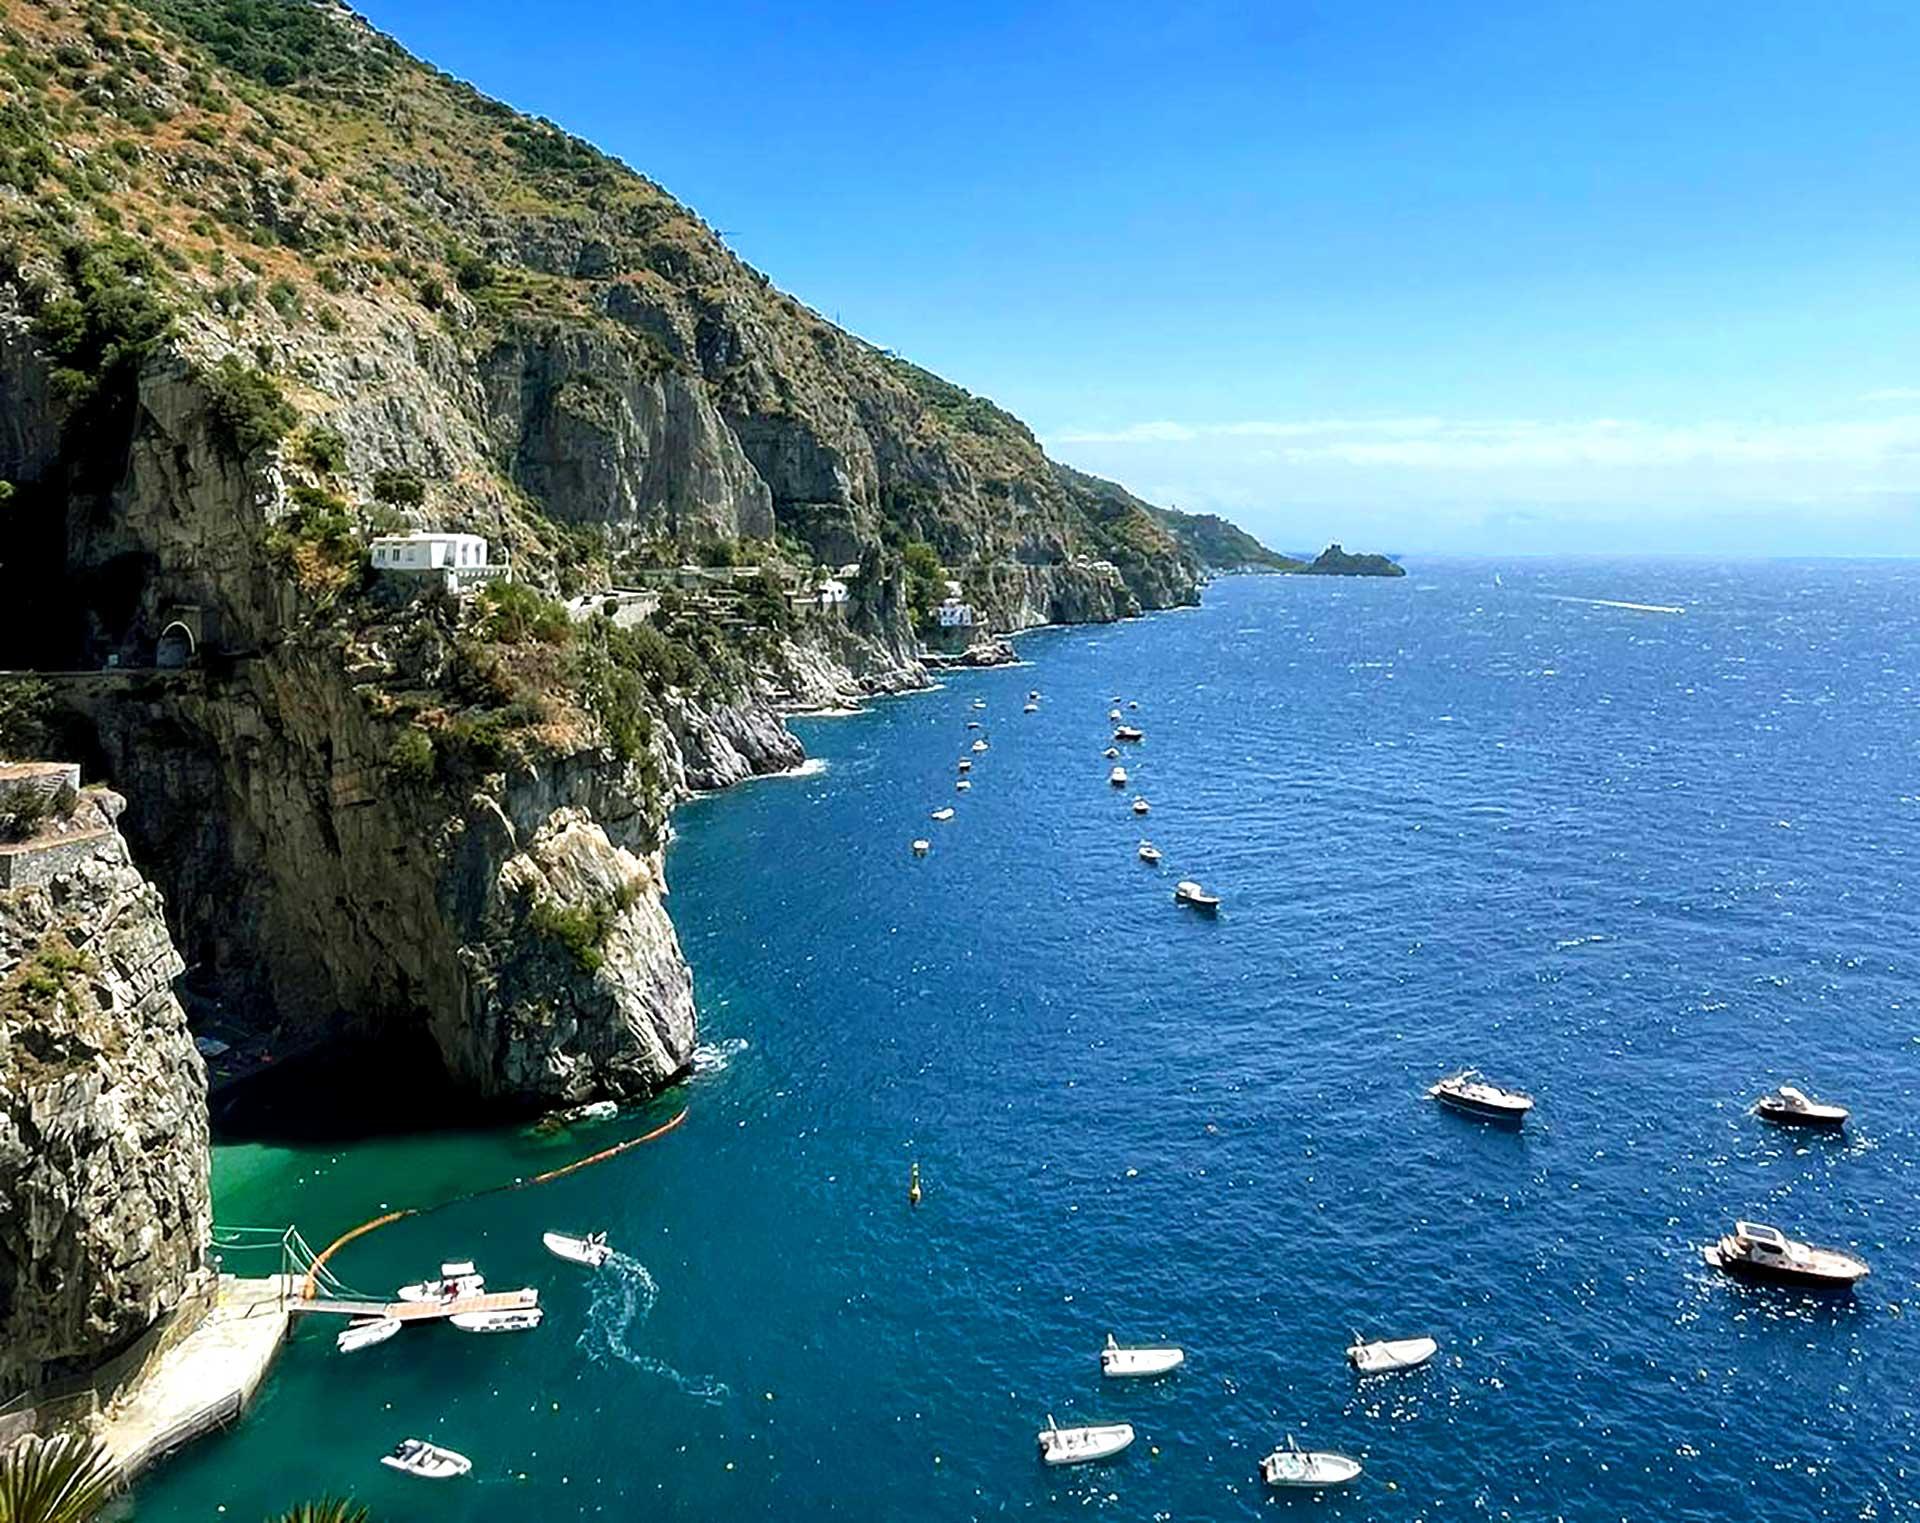 Sea and beaches on Amalfi Coast